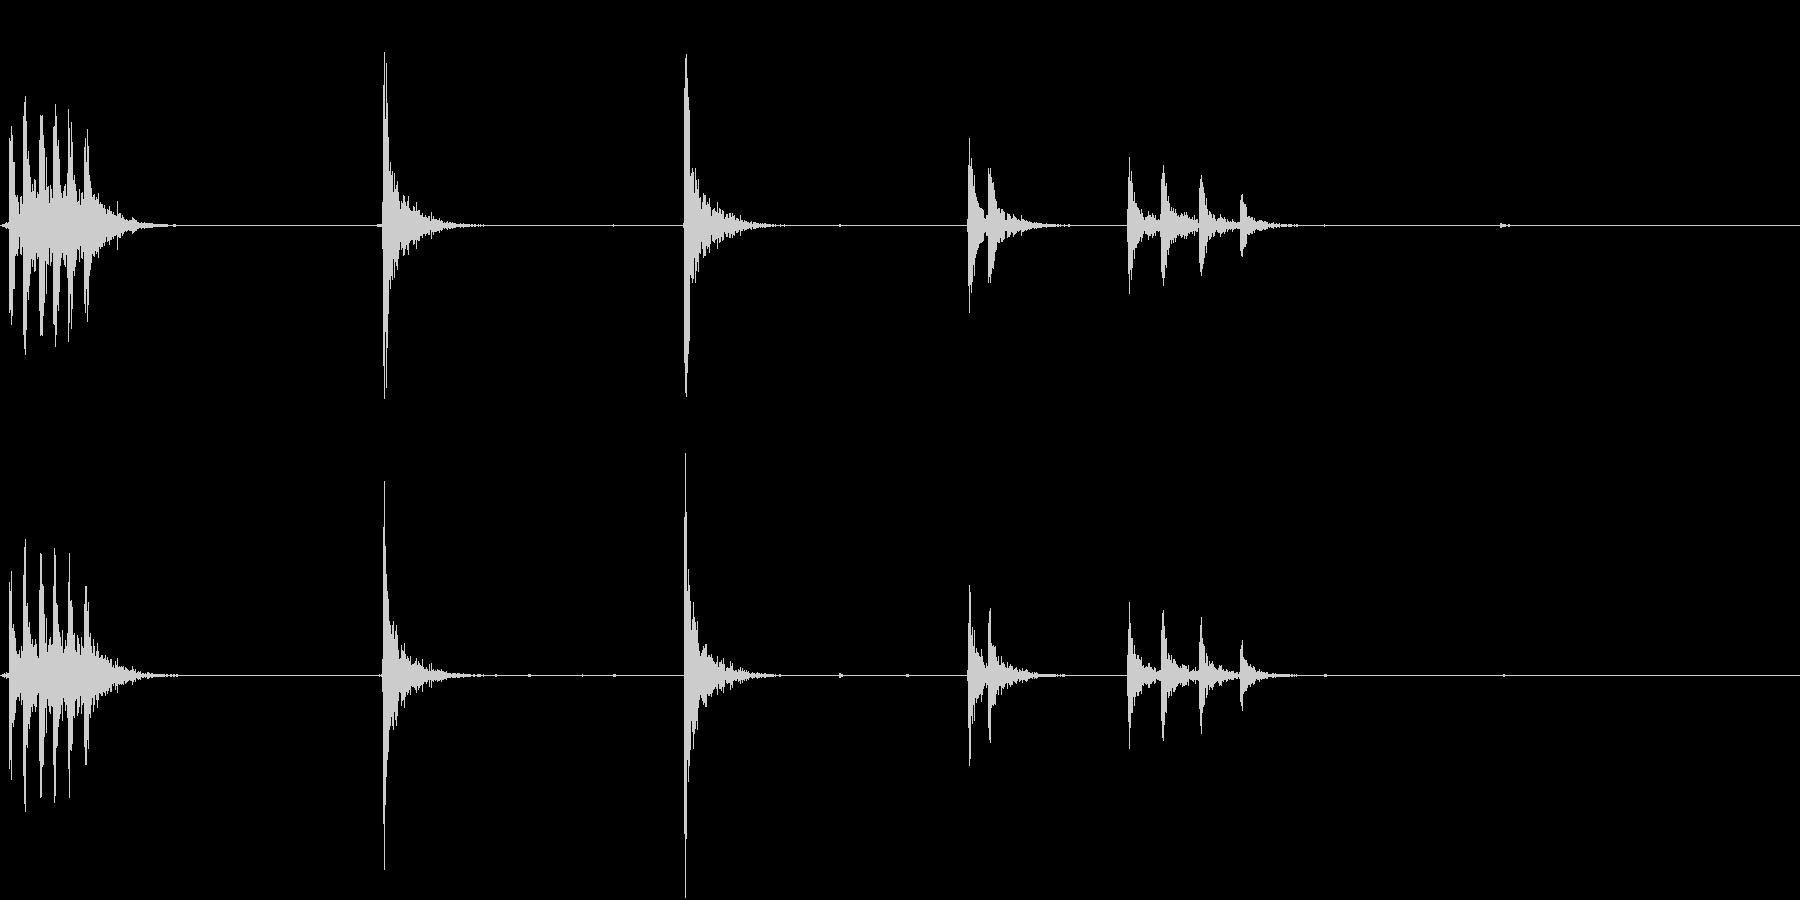 【生録音】 オフィスチェアのきしみ 6の未再生の波形